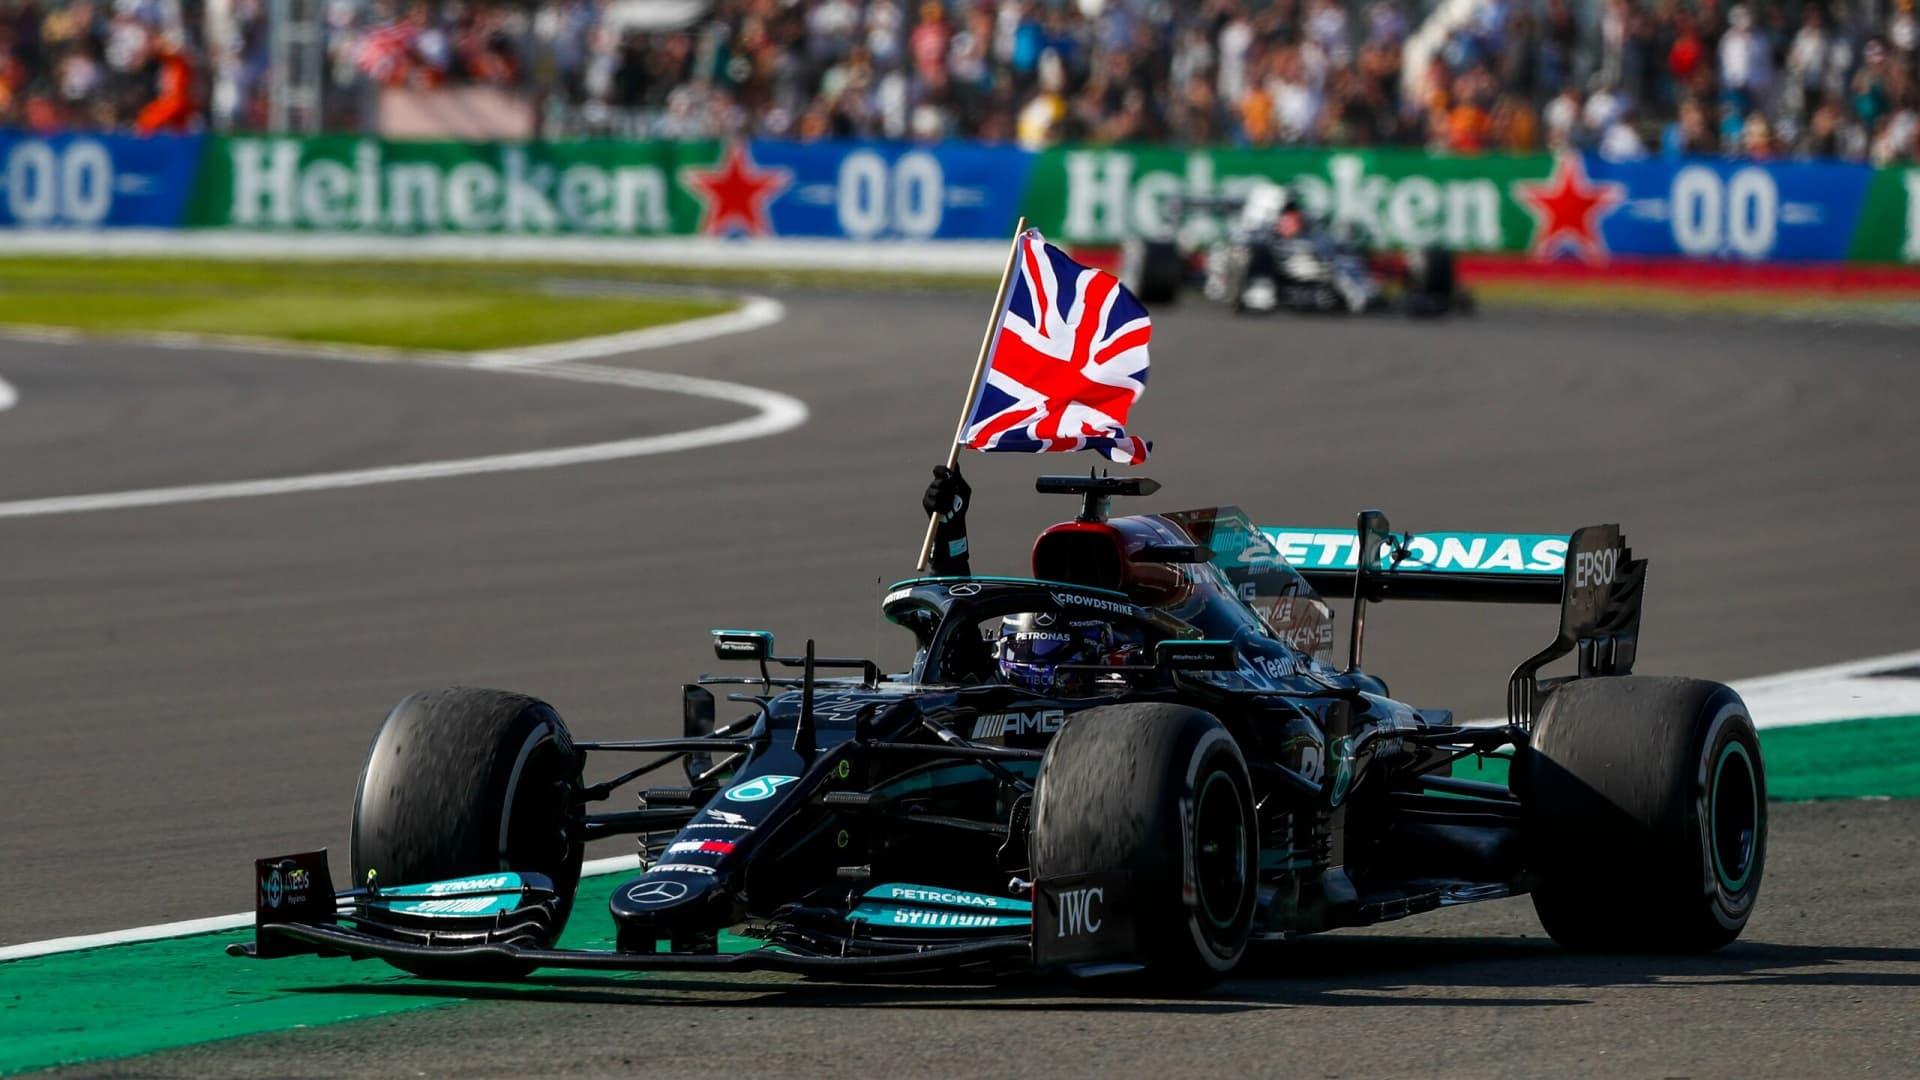 Fórmula 1 en Star Plus: el Gran Premio de Rusia para ver en vivo: horarios